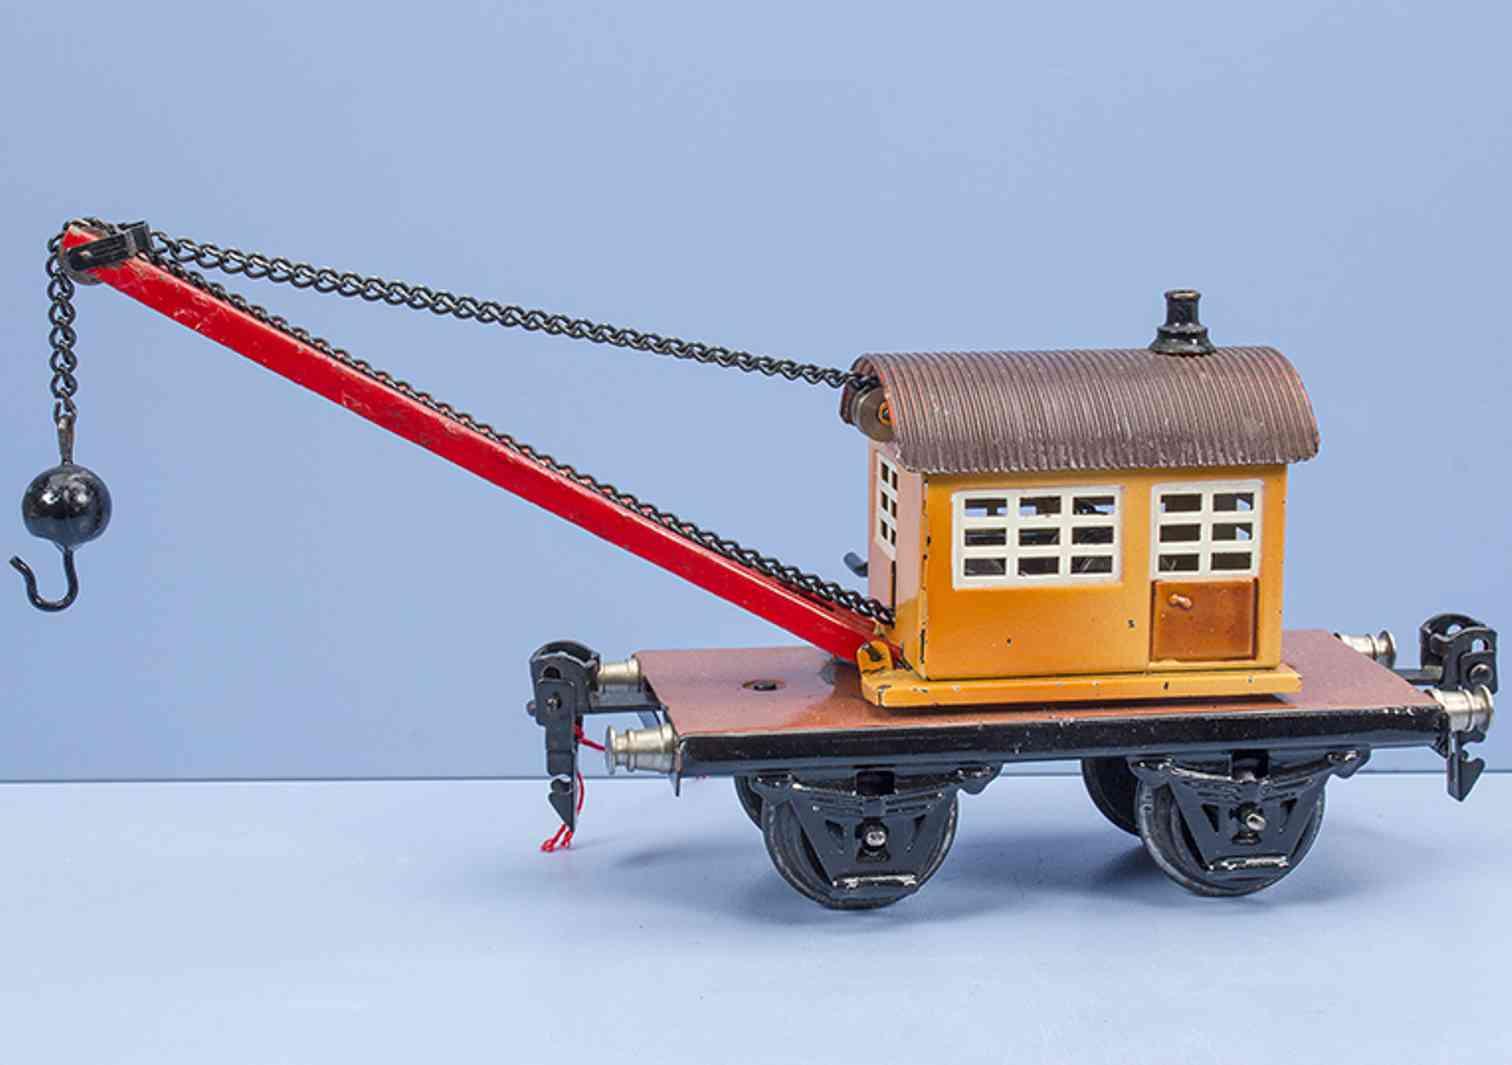 marklin 1668/0 railway toy crane truck gauge 0